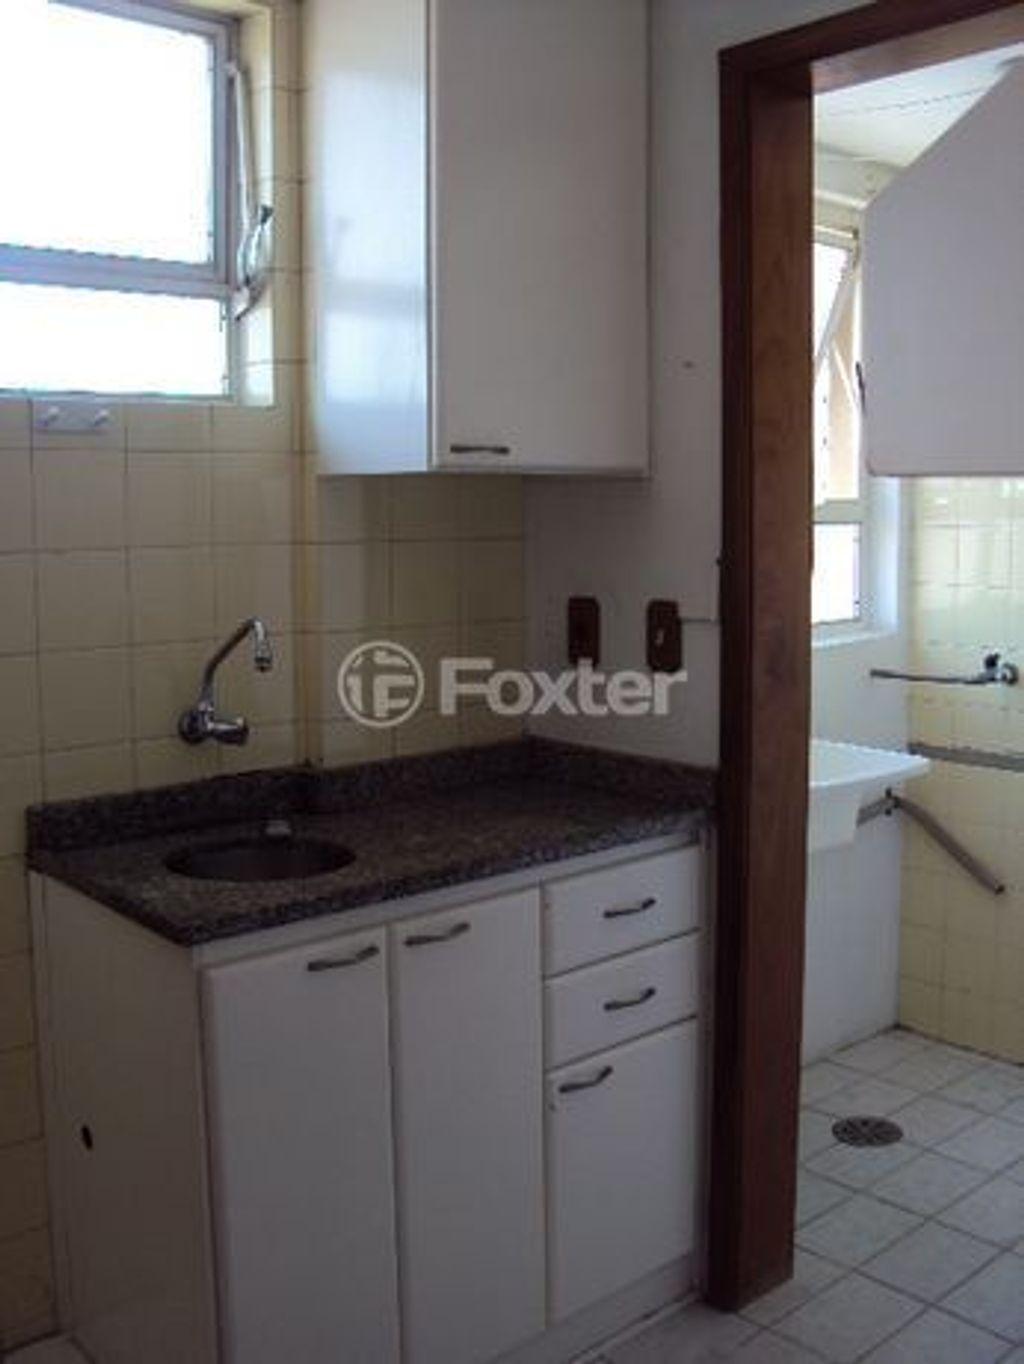 Foxter Imobiliária - Apto 1 Dorm, Azenha (134511) - Foto 8